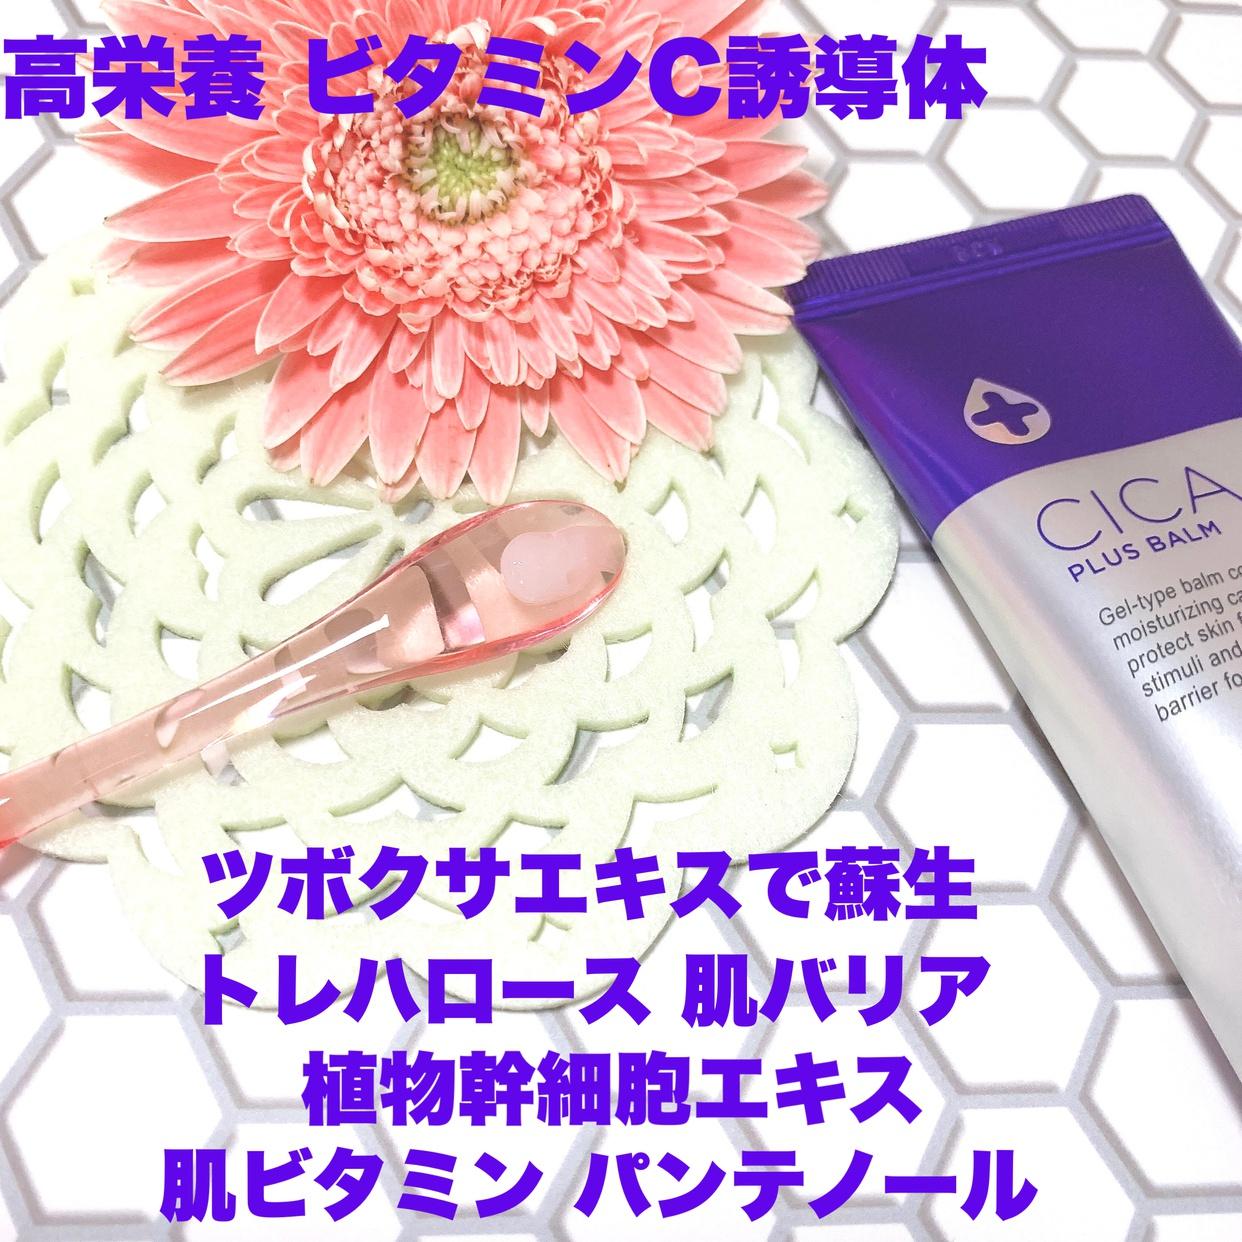 DEWYCEL(デュイセル) シカプラス バームクリームを使ったkana_cafe_timeさんのクチコミ画像2